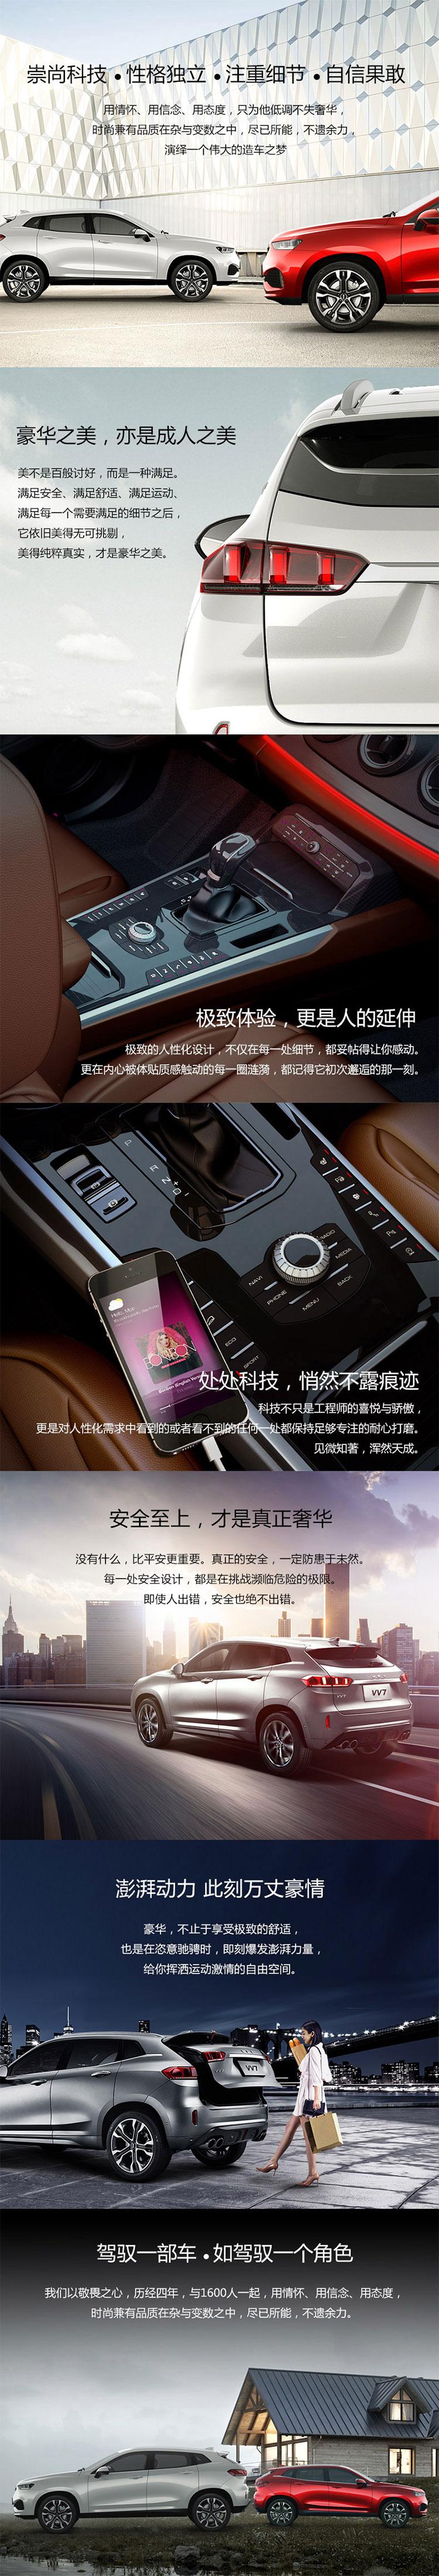 购车必看:WEY VV7 线上专享优惠 多重优惠同享